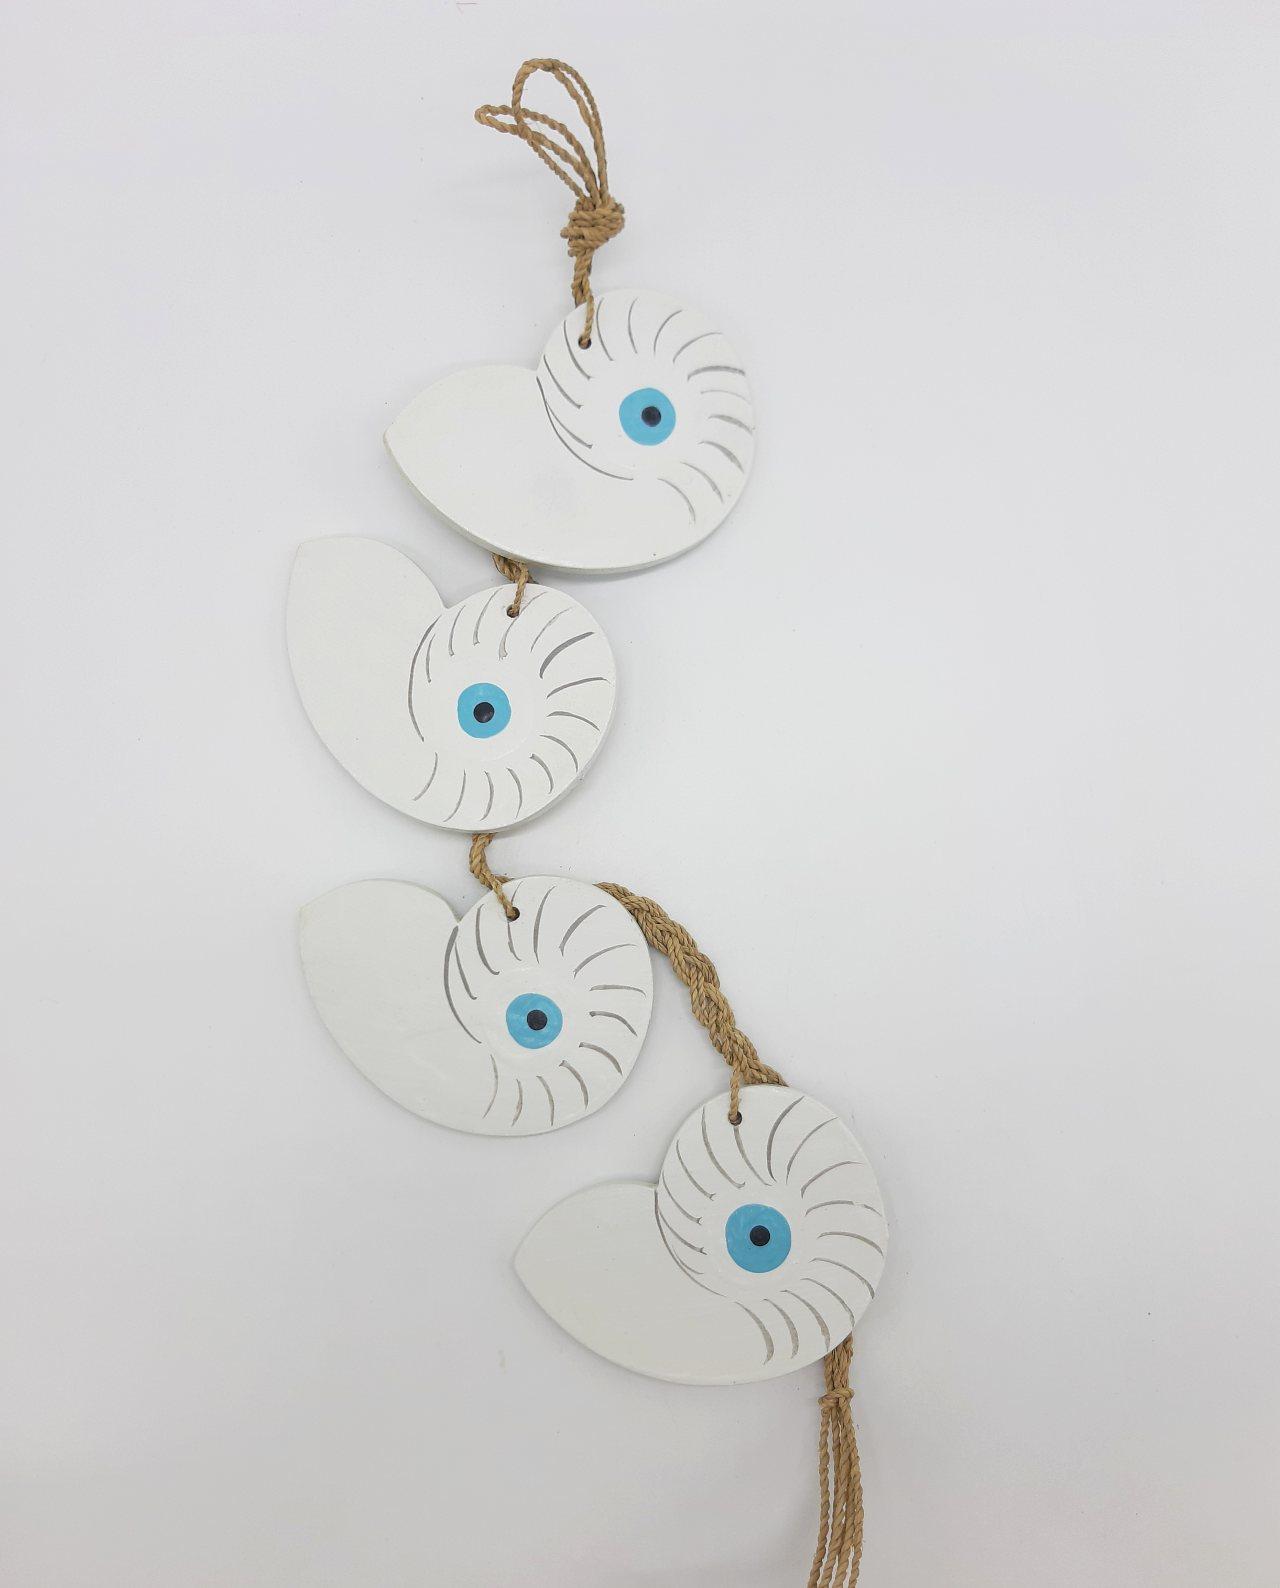 Γιρλάντα 4 Κοχύλια Ναυτίλος Ματάκι Ξύλινα Χειροποίητα χρώμα άσπρο